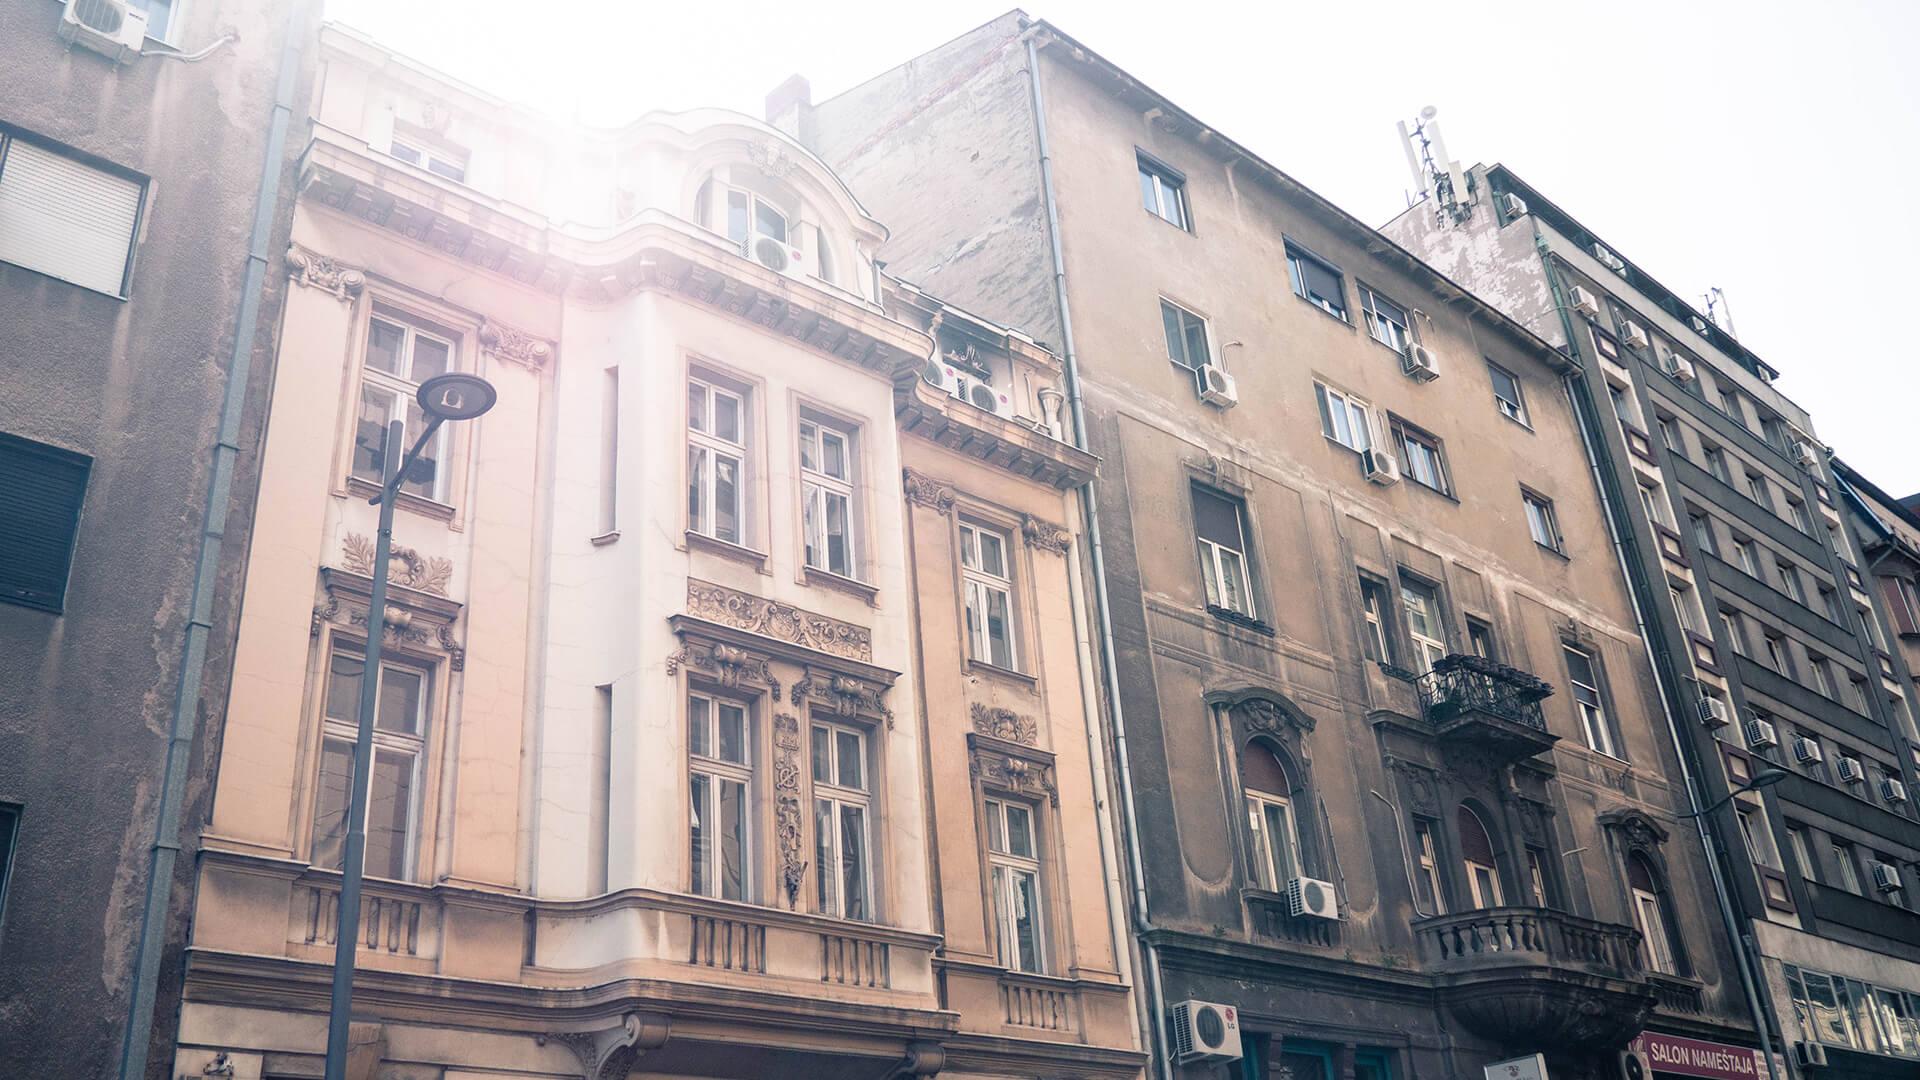 Bild aus Belgrad 2016